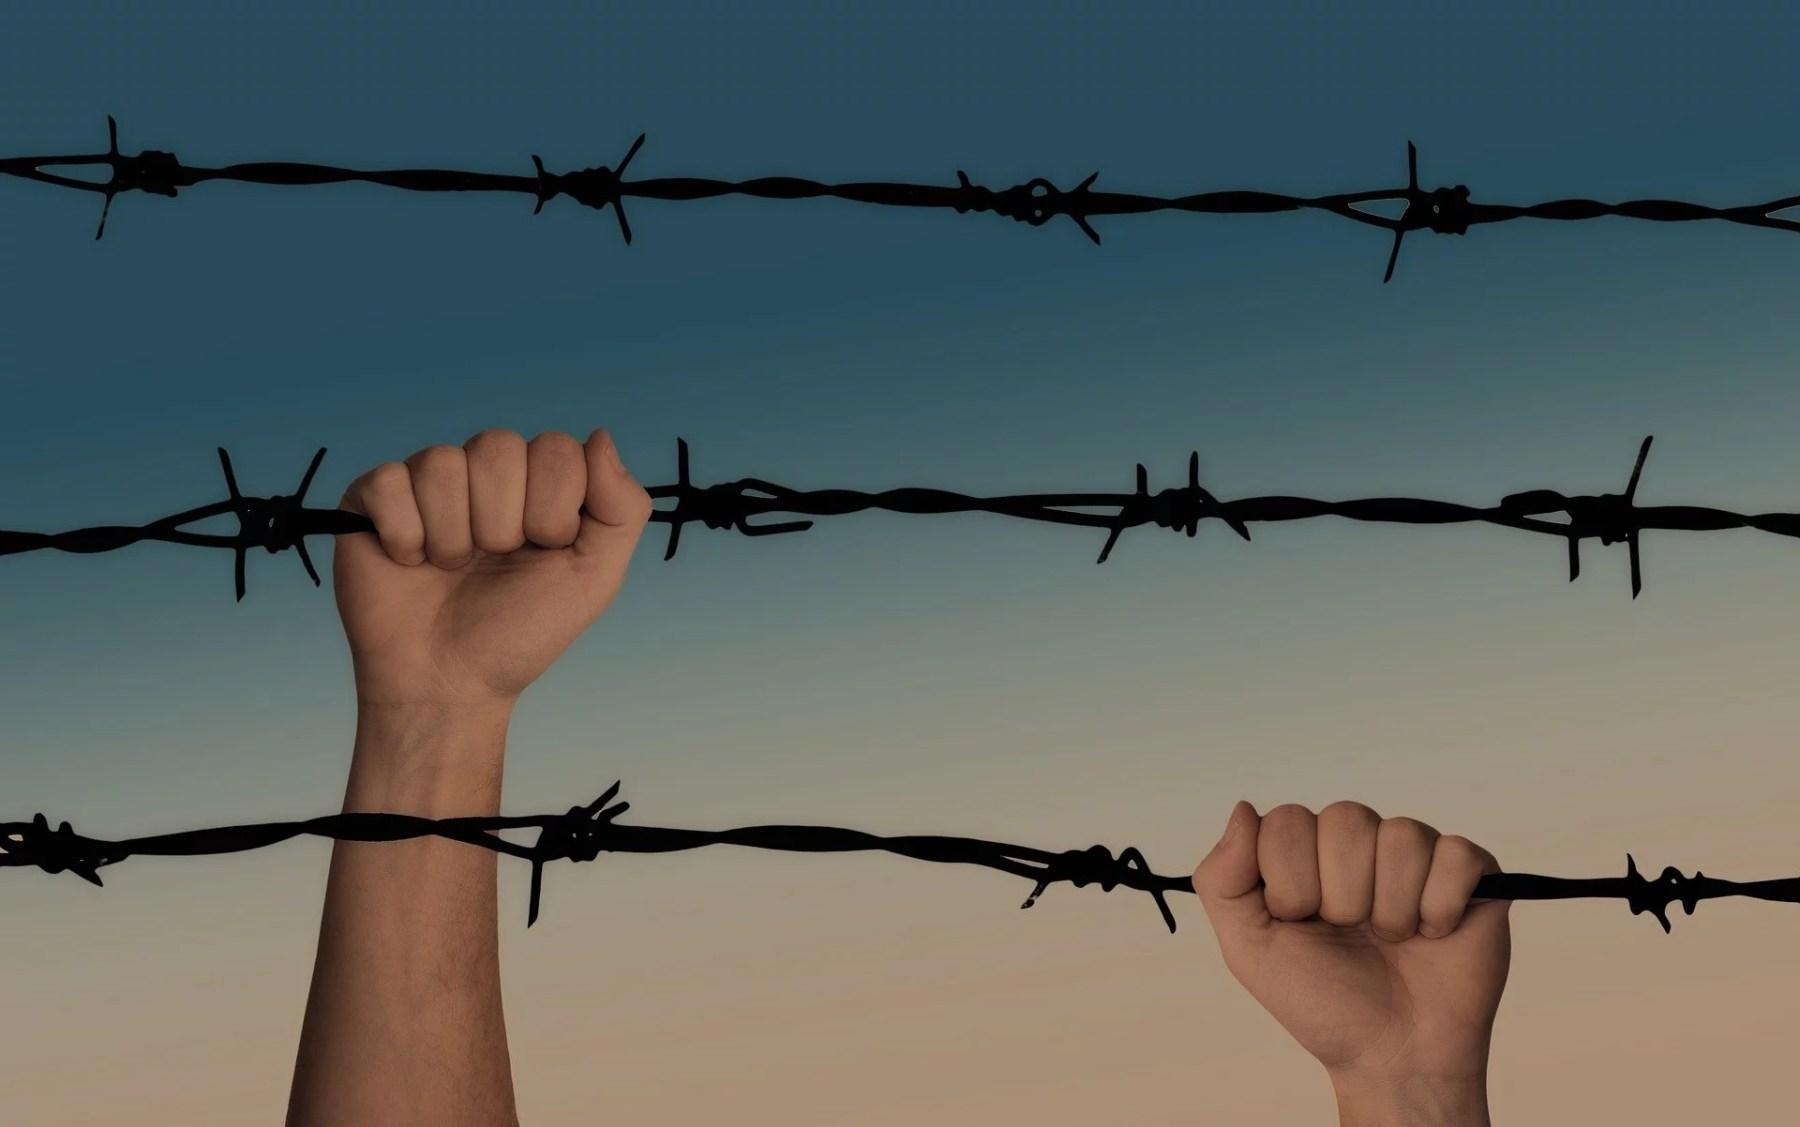 Le 8 mai, jour de libération ou simple compromis politique ?